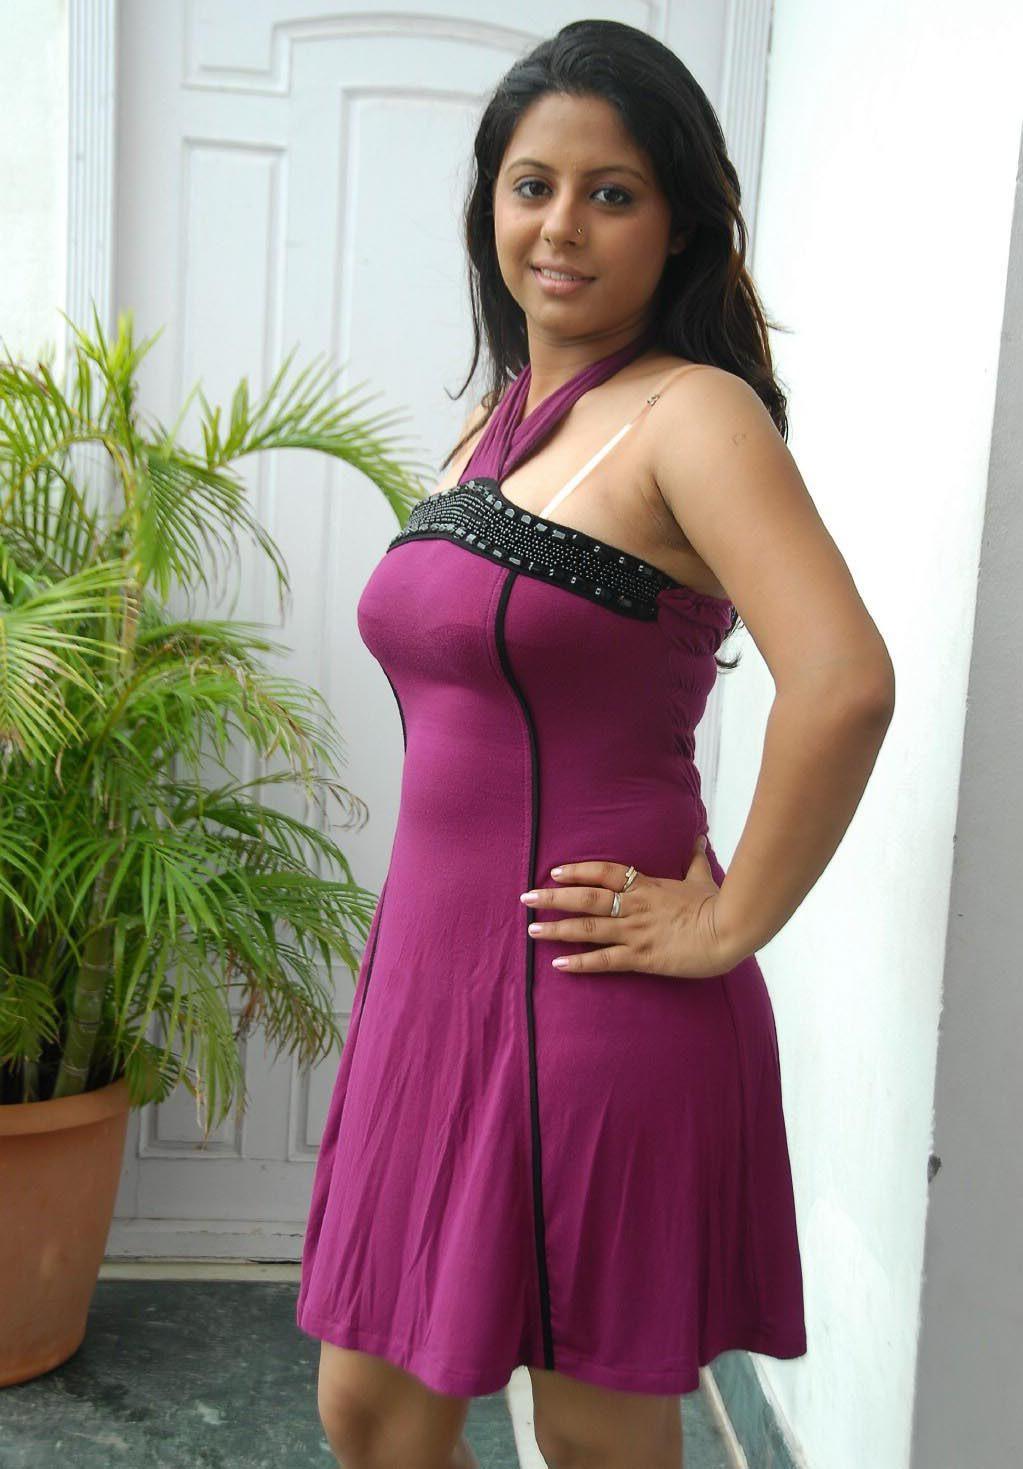 Hot Actress Hot Photos Malayalam Serial Actress Hot-8767